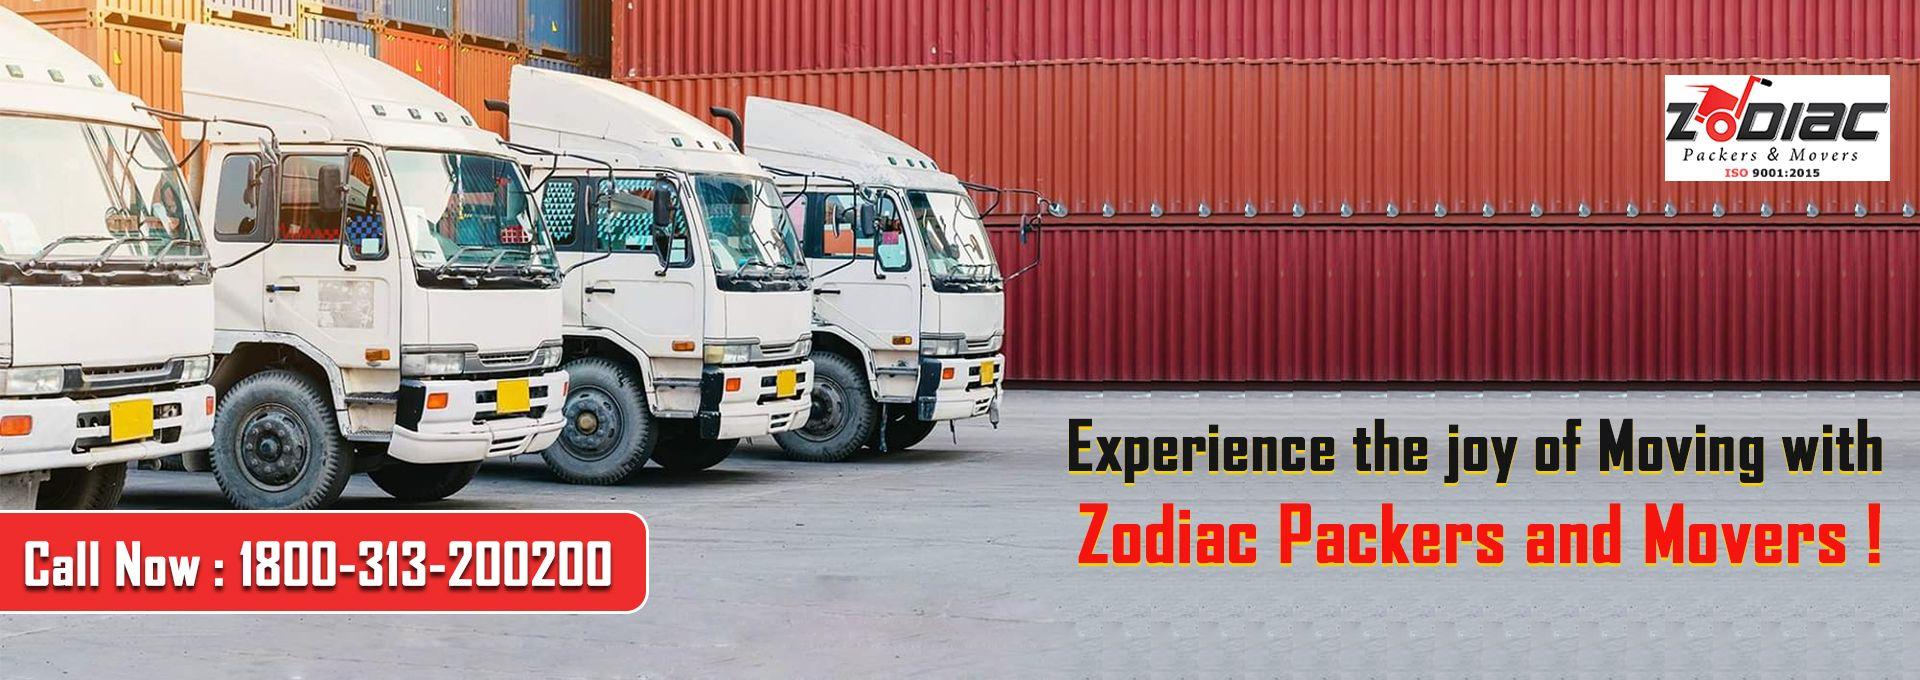 Delhi to mumbai logistics transport company packers movers